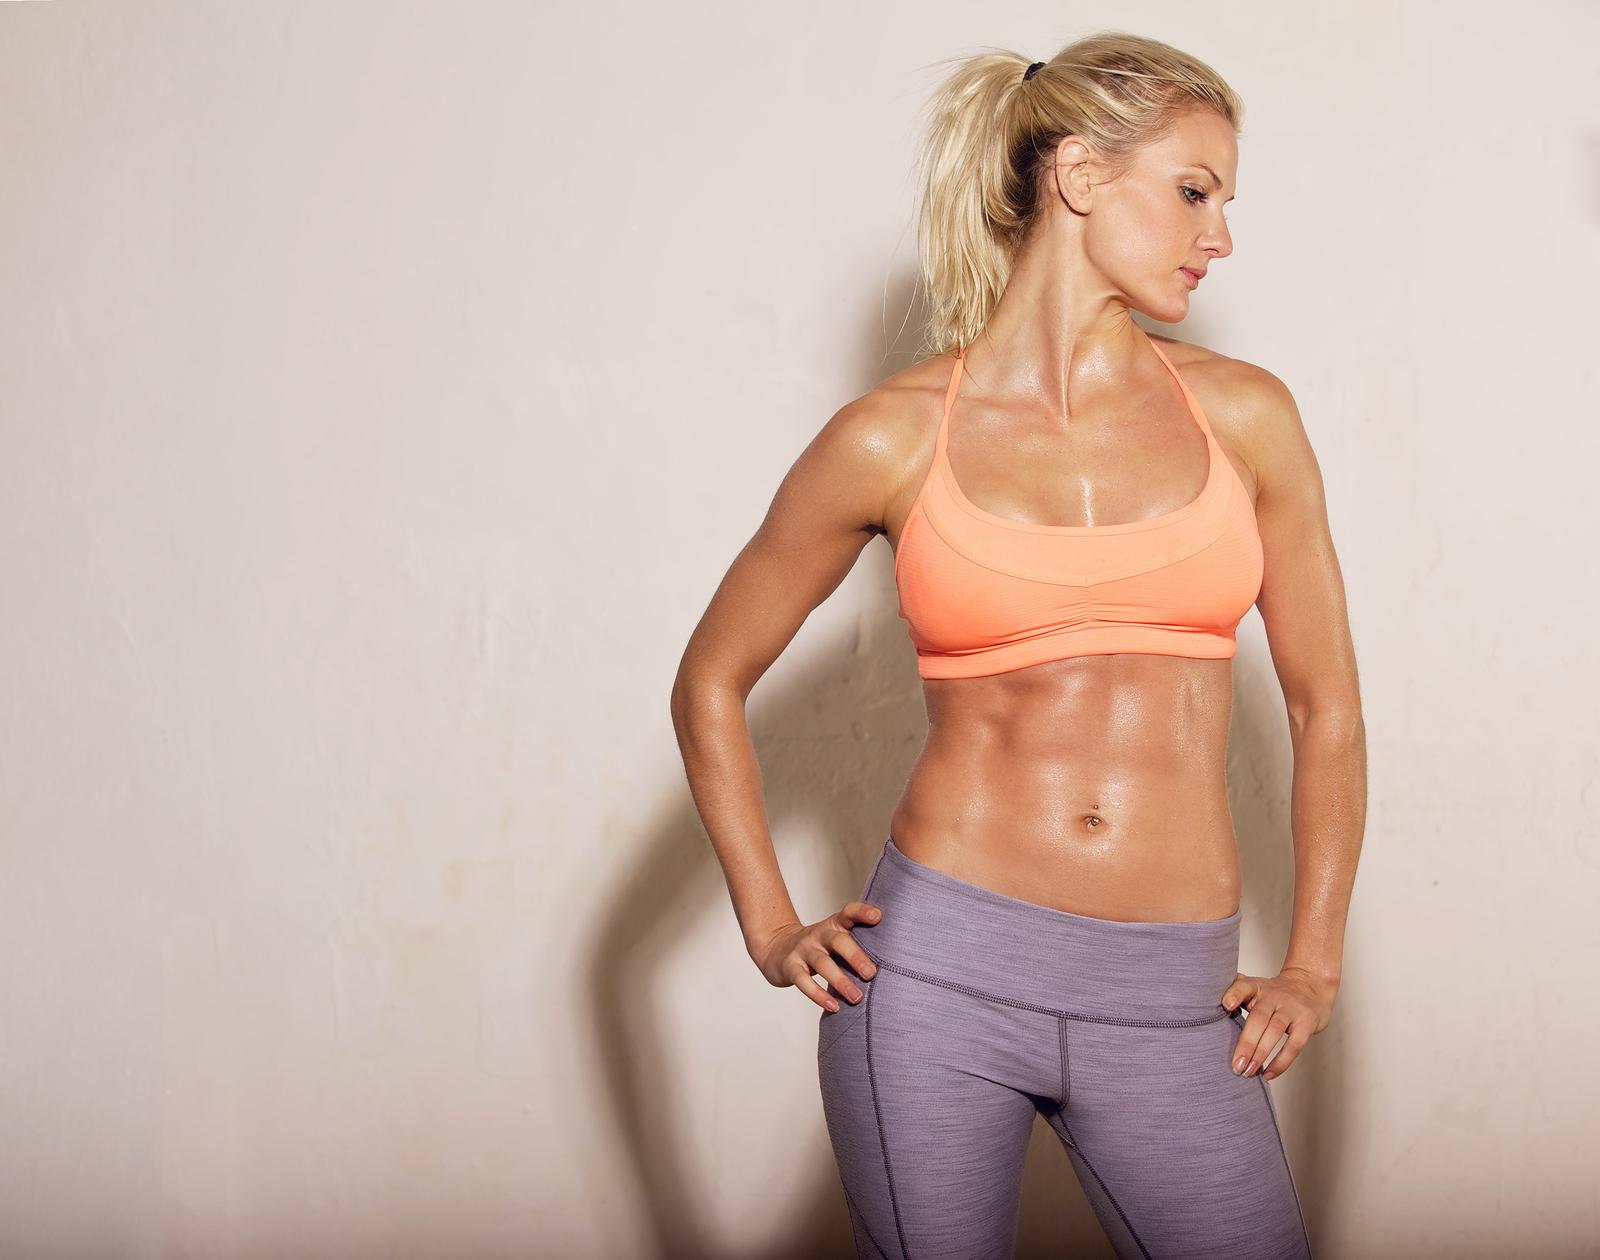 Die Trainergeräte für die Abmagerung des Bauches und der Seiten